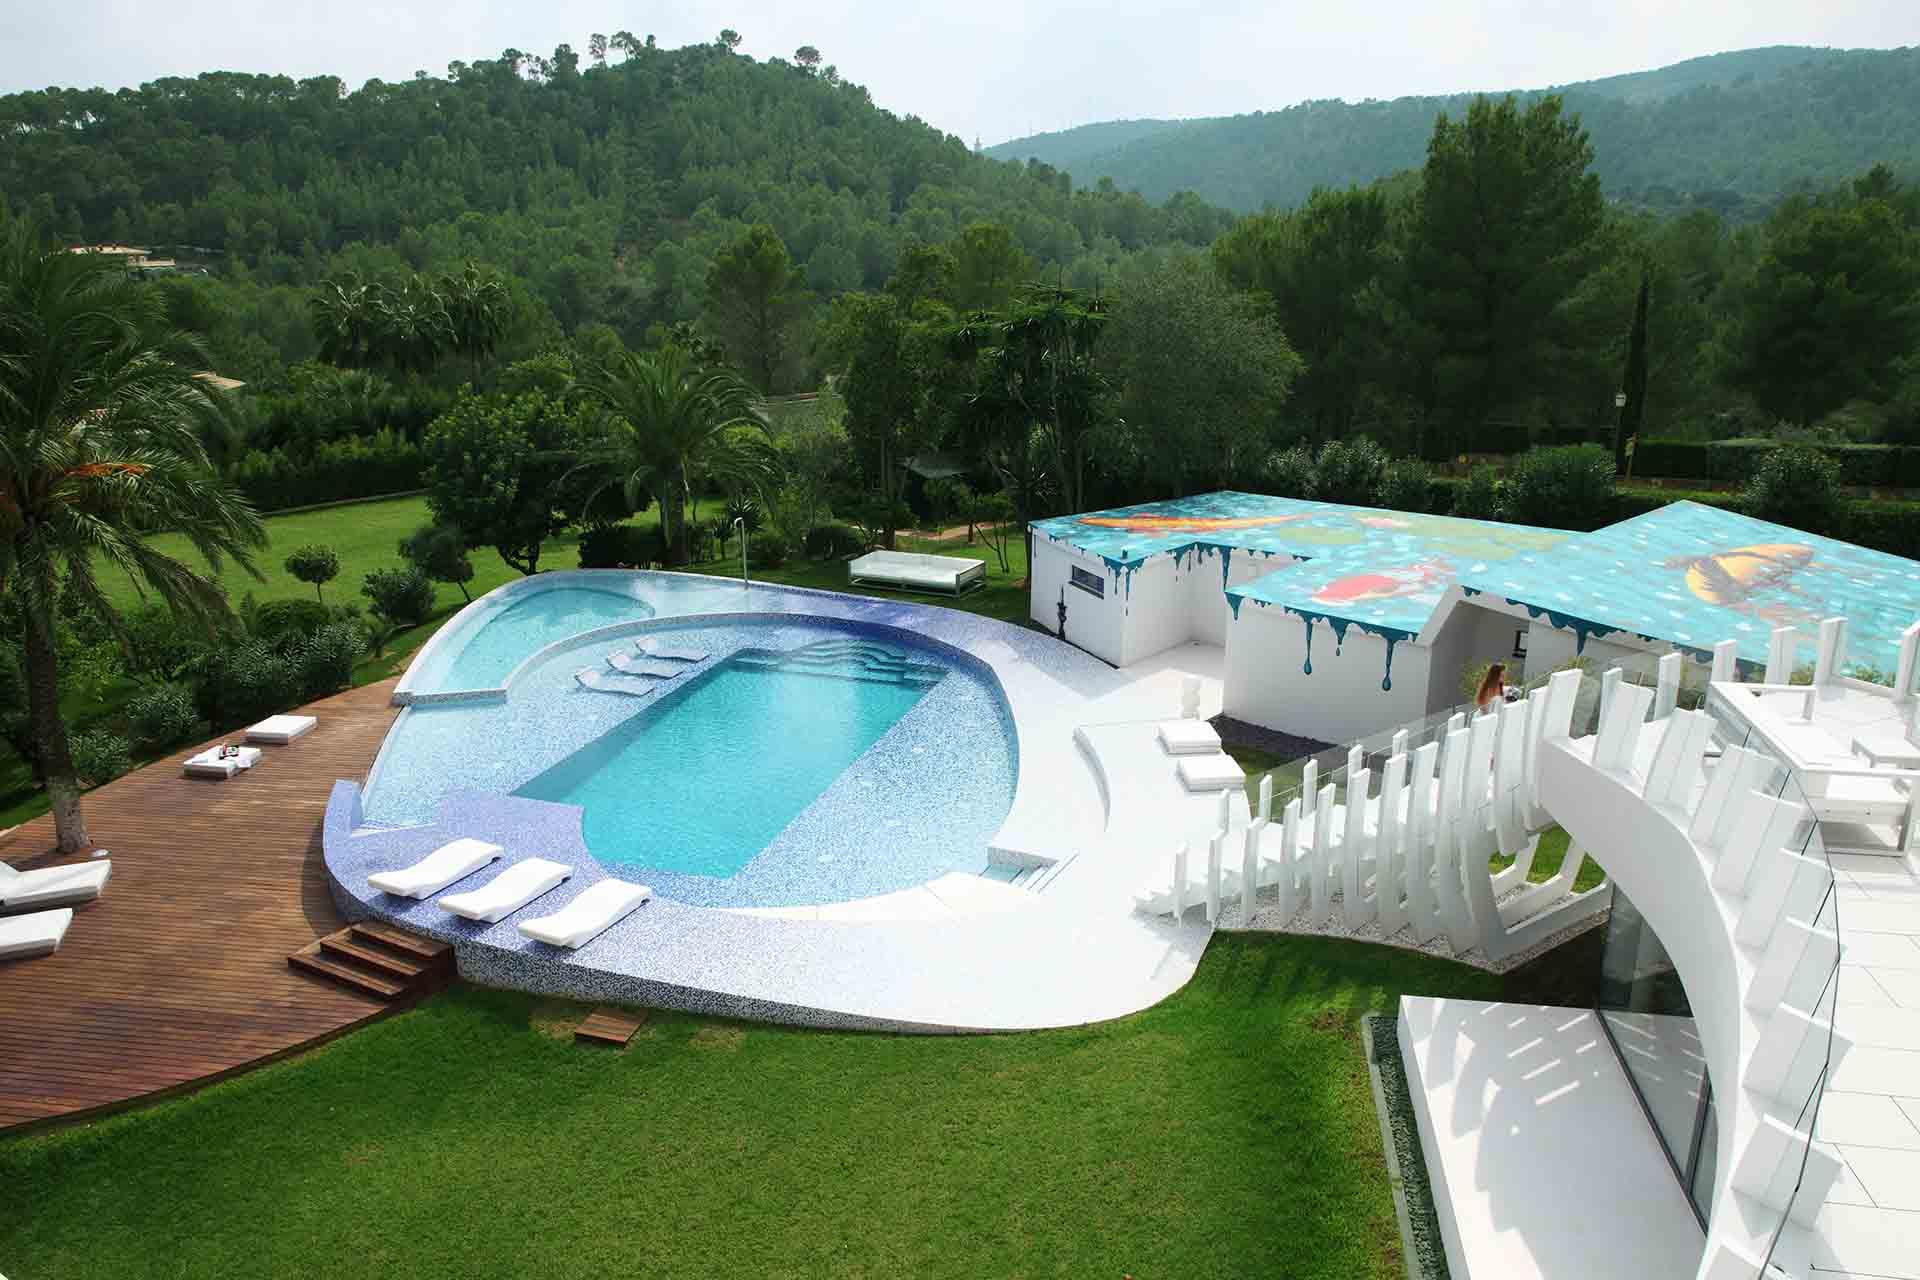 2 9 - Espectacular casa llena de originalidad y diseño en Son Vida, Palma de Mallorca